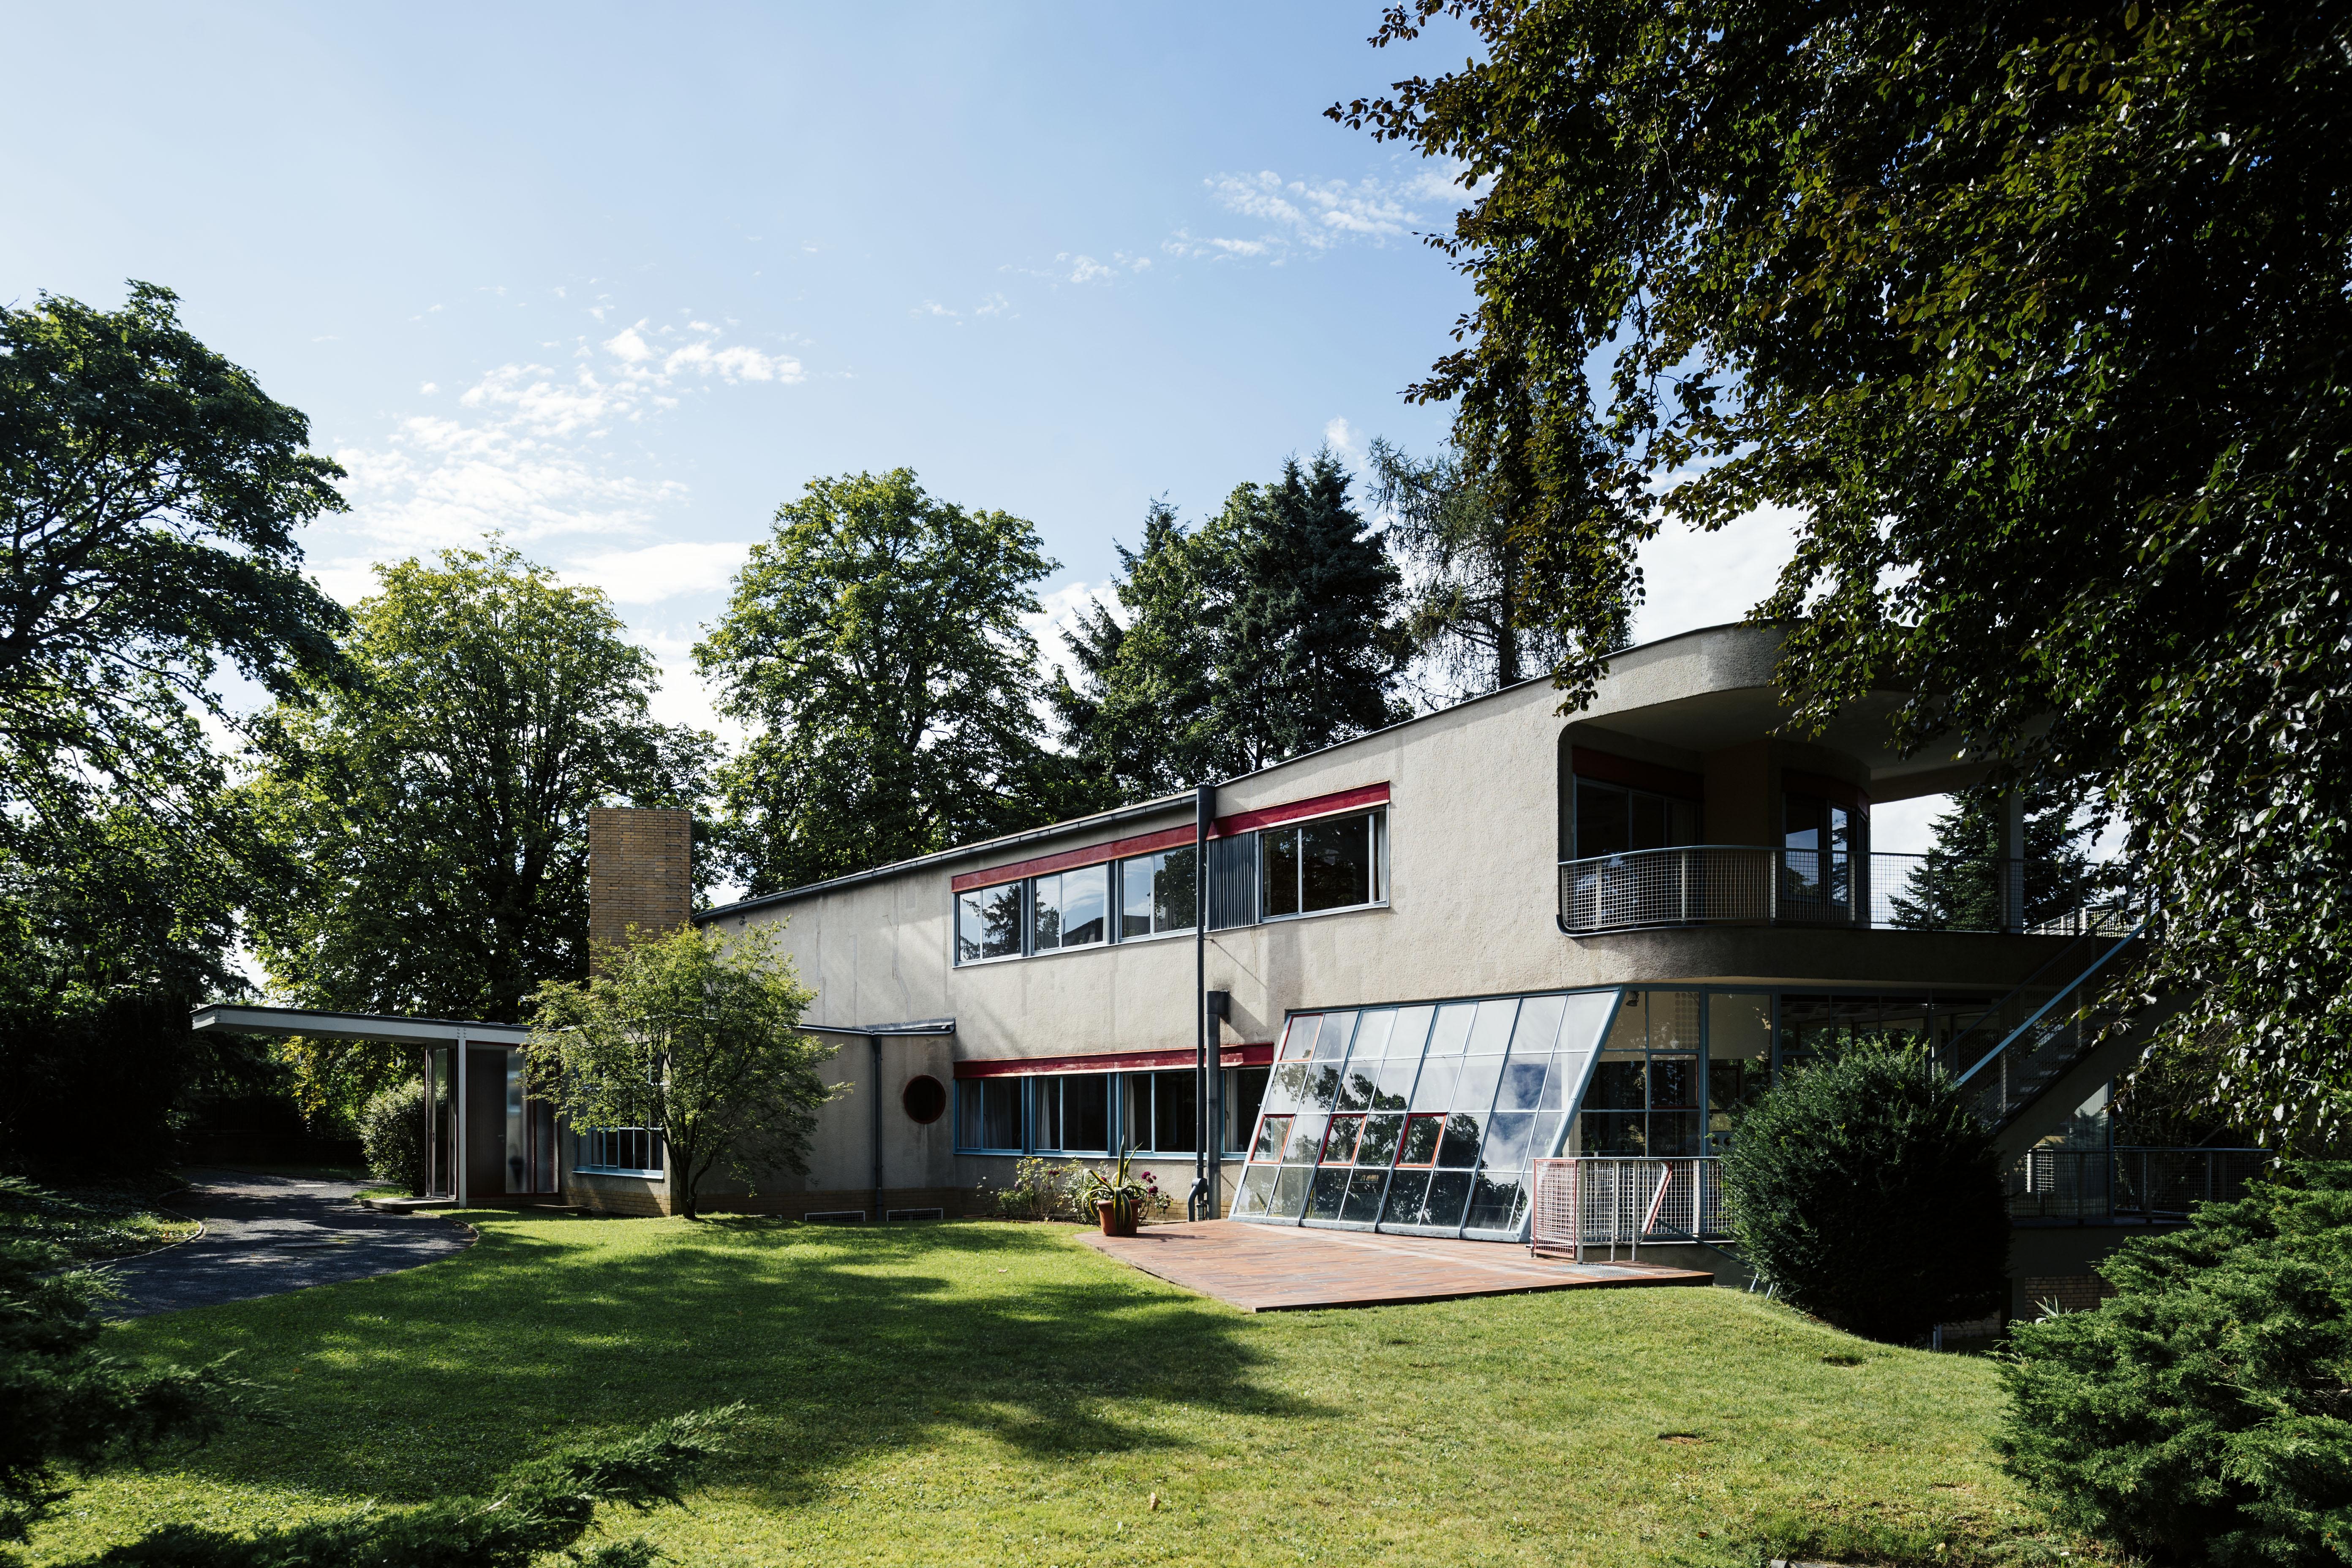 Haus / House Schminke (1930), Architekt / architect: Hans Scharoun Photo: © Tillmann Franzen, tillmannfranzen.com